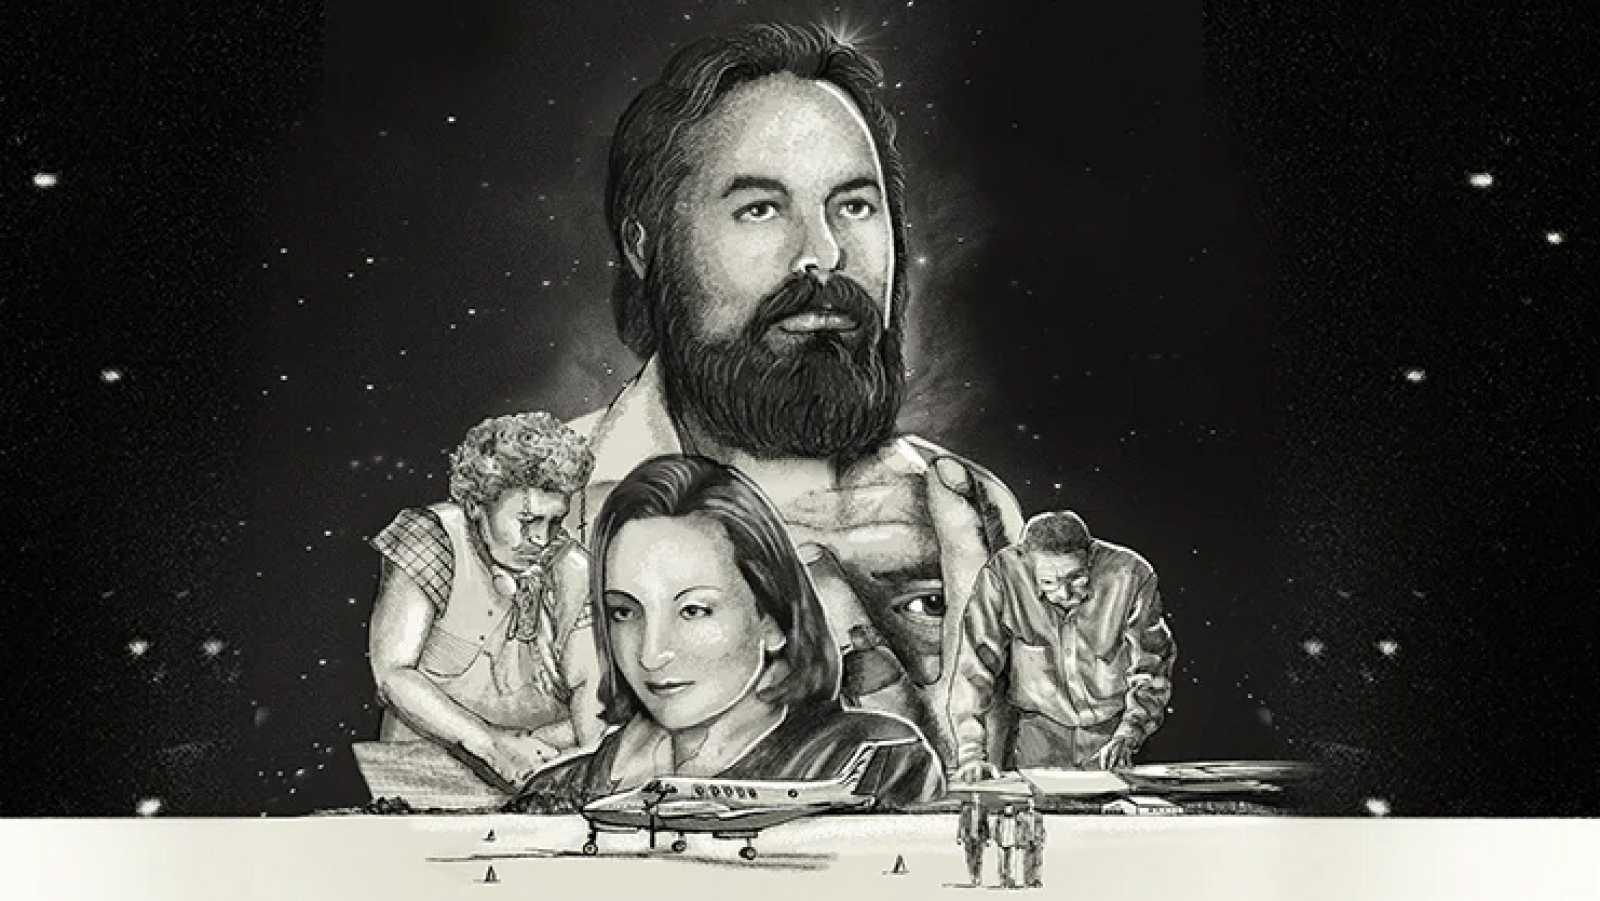 Hora América de cine - 'El secreto del doctor Grinberg' en el festival DocsMX - 23/1020 - escuchar ahora